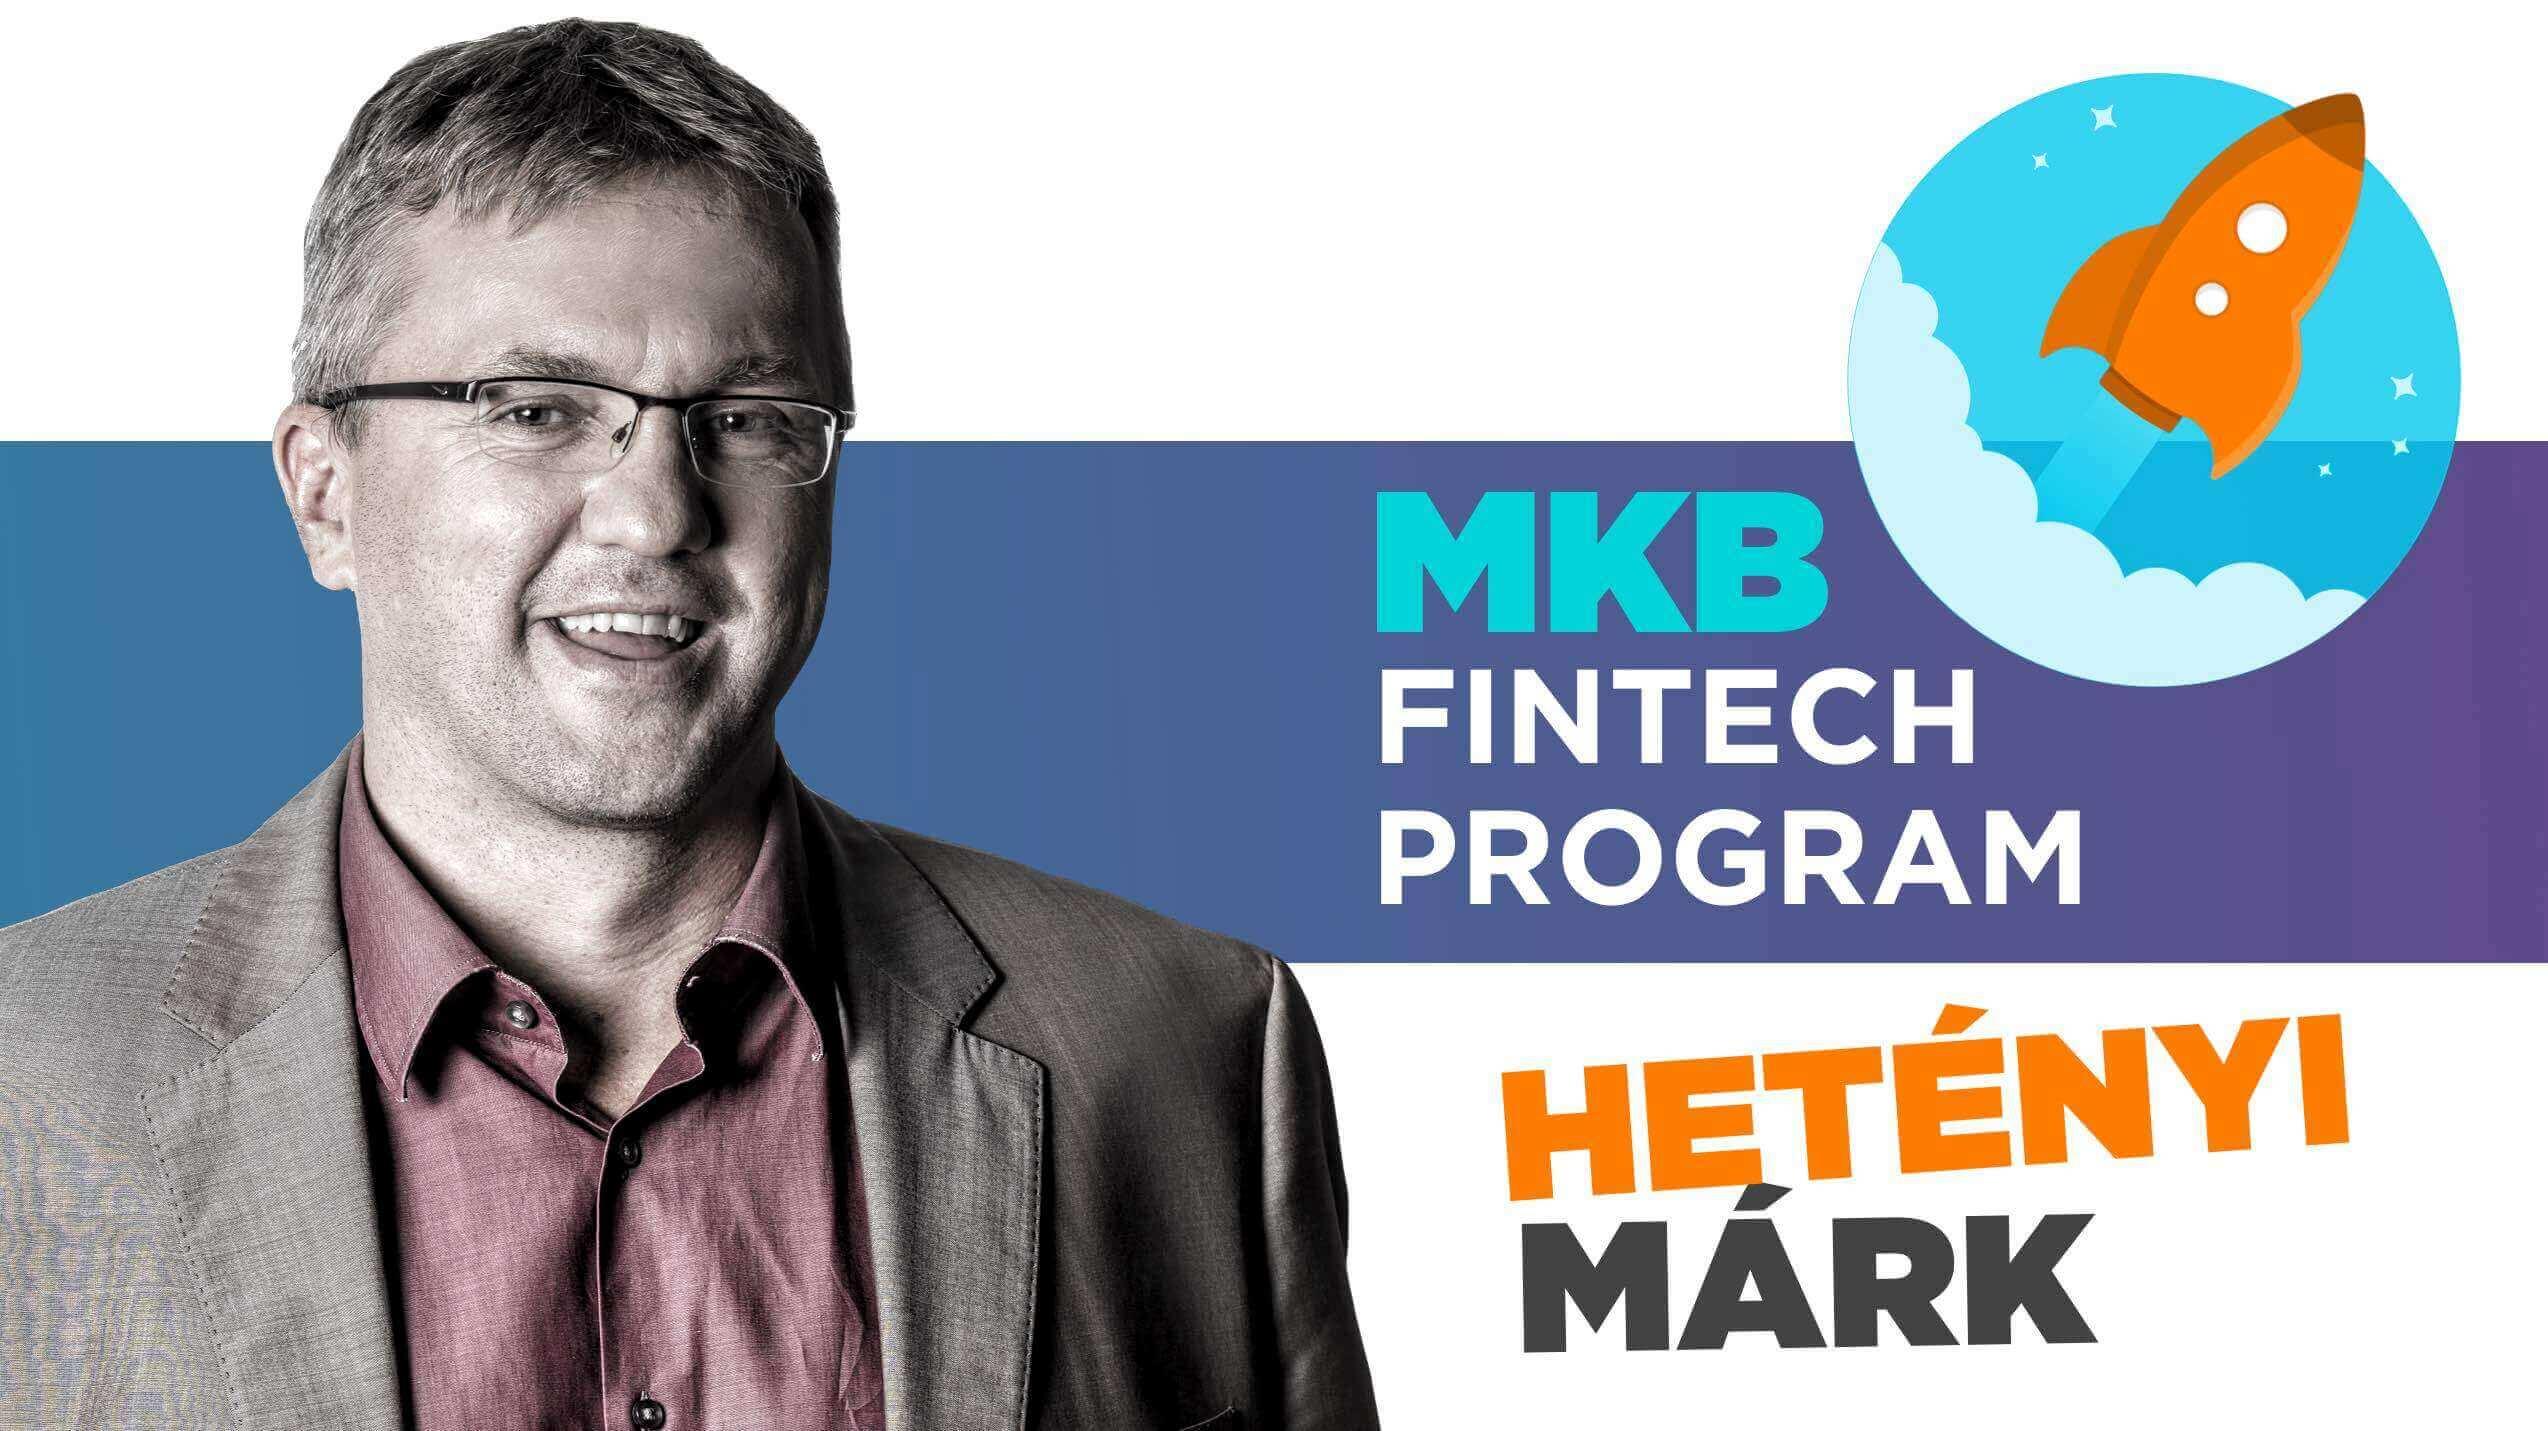 FinTech Bank, Tehetségbank, Ötletgyár – Márk az MKB Bank FinTech Programjáról